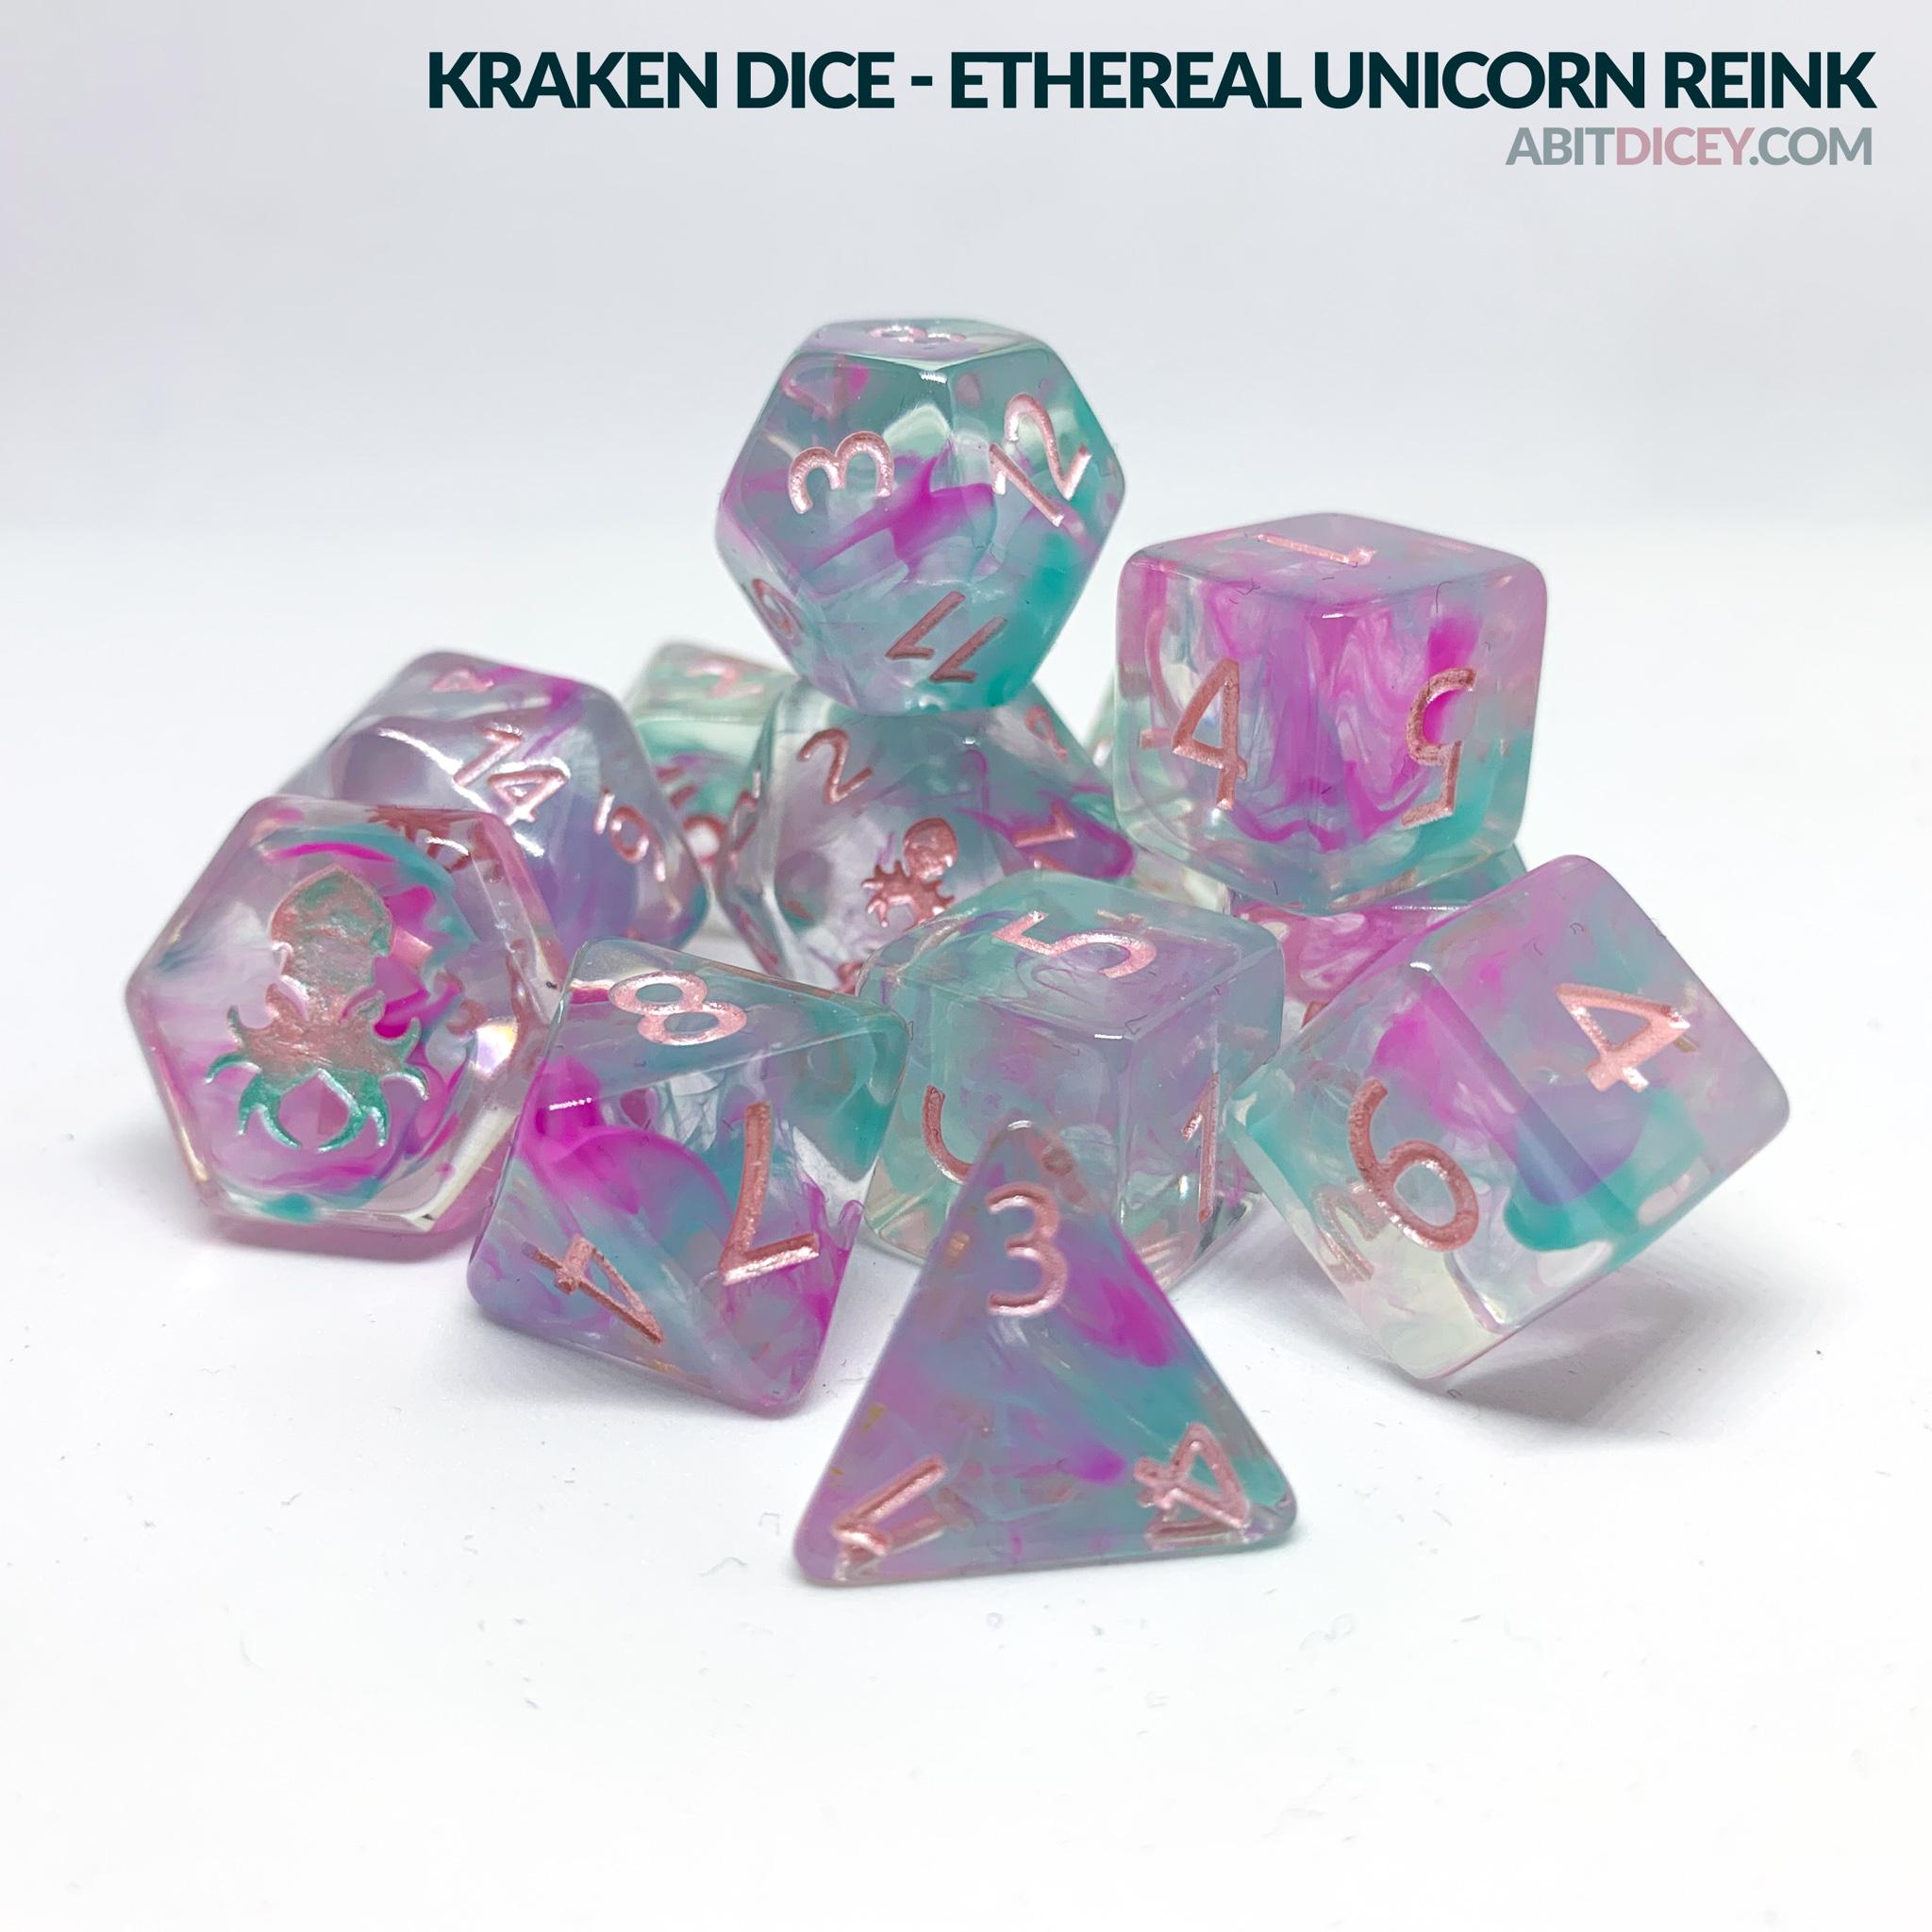 Kraken Dice - Ethereal Unicorn Reink